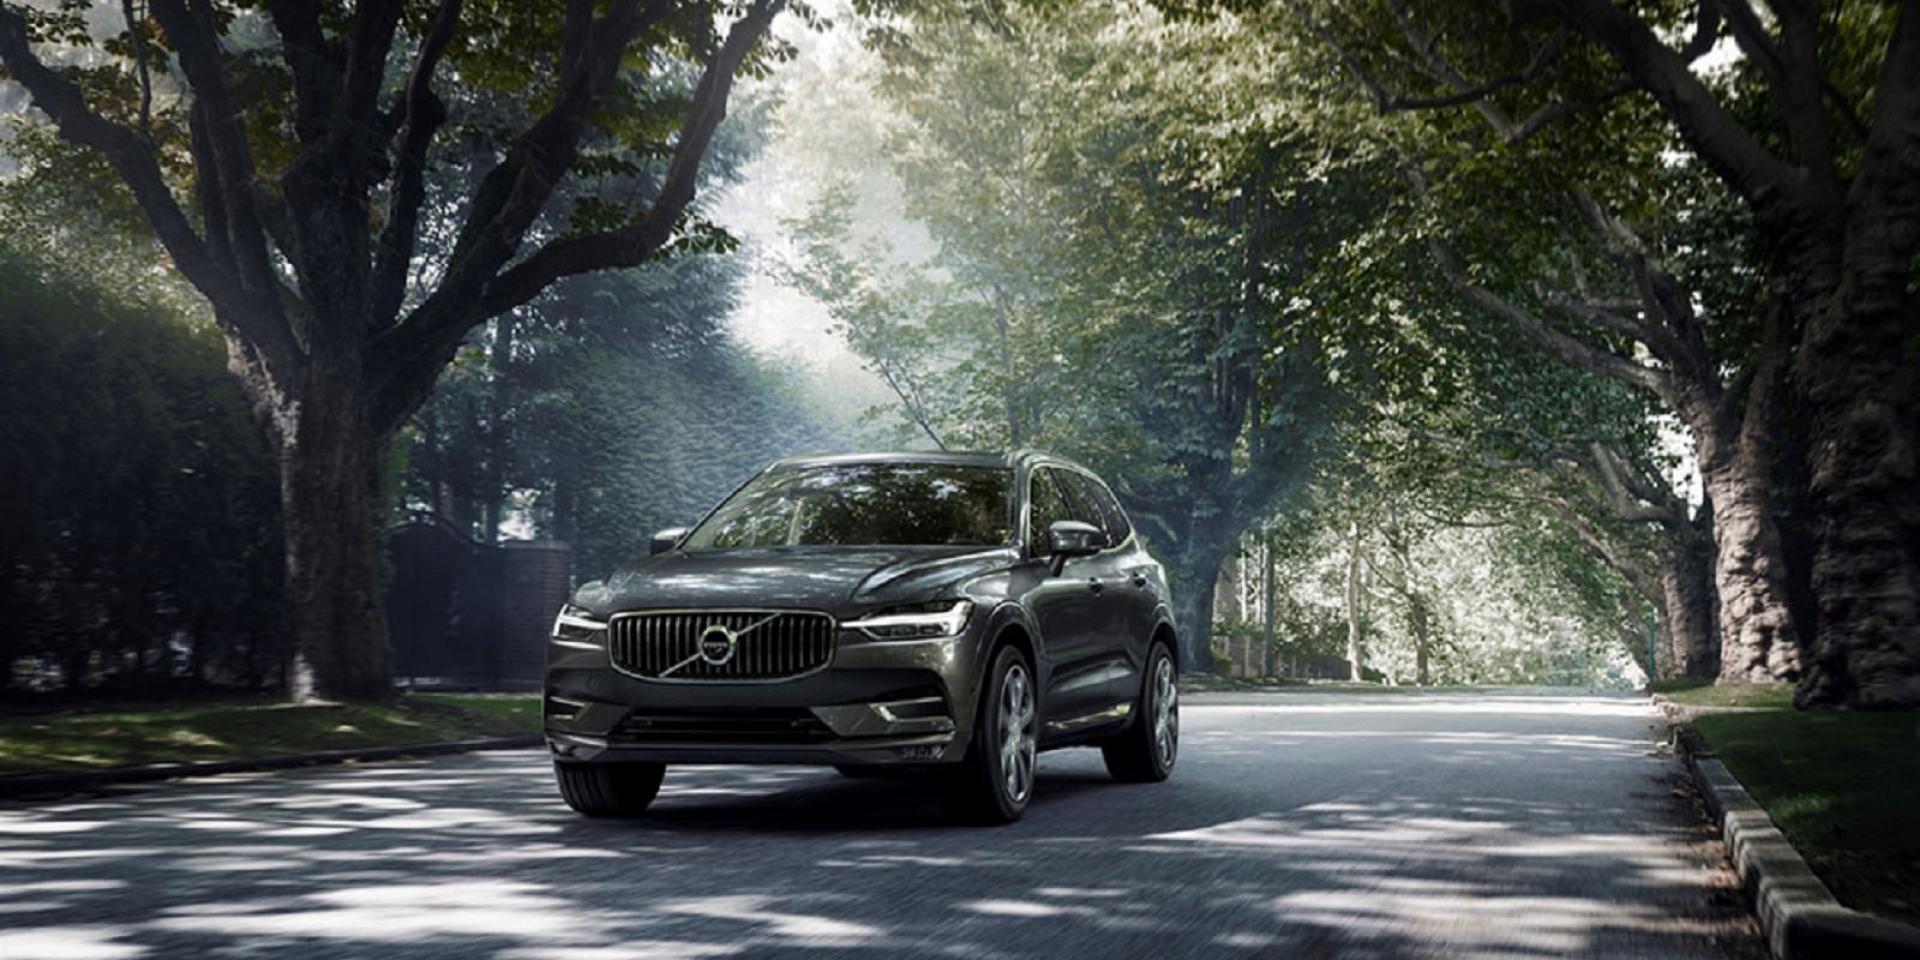 官方新聞稿。48V Mild Hybrid 加持 新世代 Drive-E 全面升級  Volvo XC60 B5 再現新能源專家綠能科技